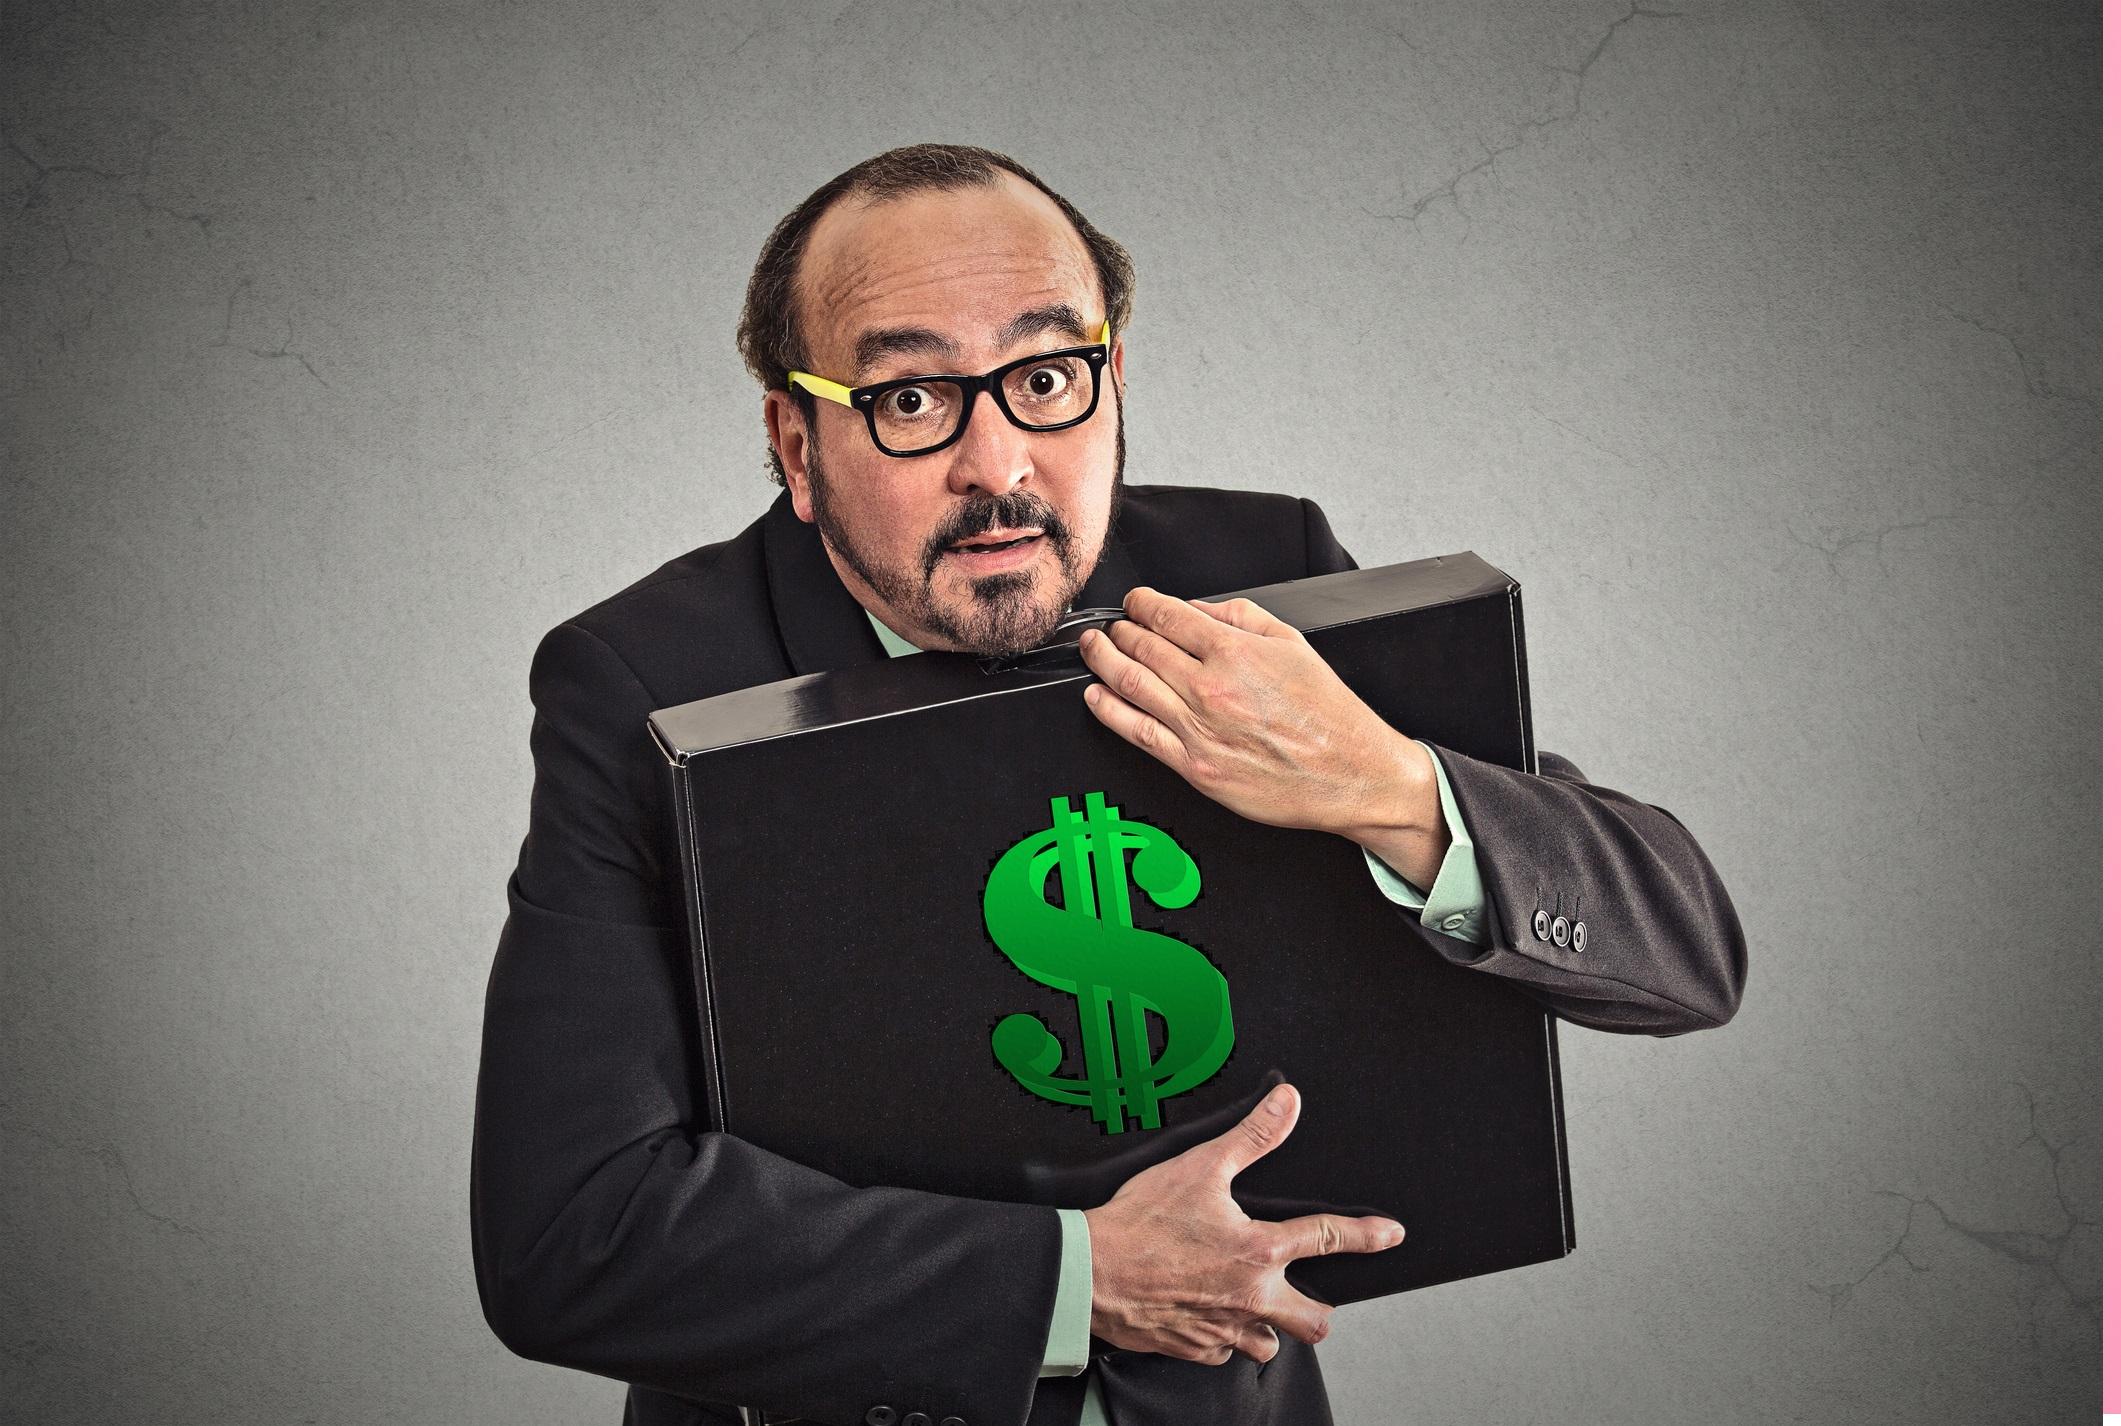 Козирог – алчност<br /> <br /> Не сте алчни за храна или внимание – имате нужда от пари и сте готови да се скапете от работа за тях. Това или е алчност, или е отговорност към финансовото ви бъдеще (или това на семейството ви). Някои хора биха казали, че спестяването и трупането на пари не трябва да се смята за грях.